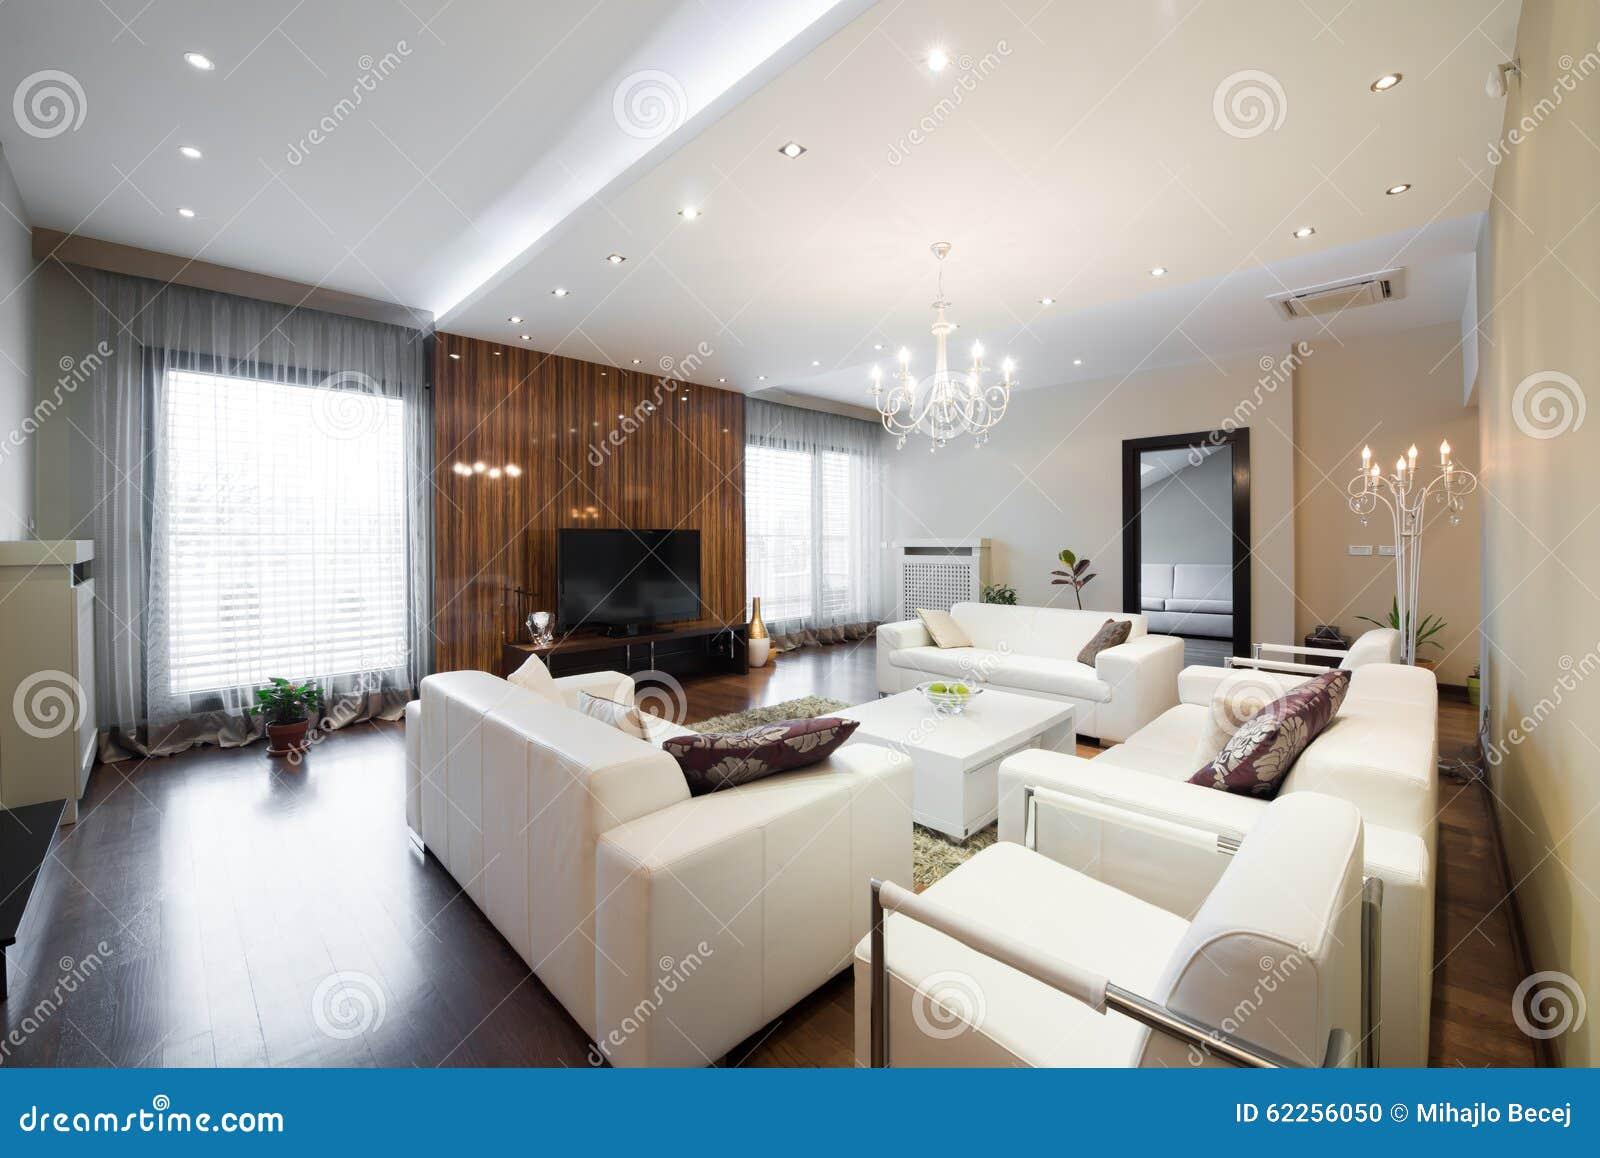 Innenraum Eines Modernen Geräumigen Wohnzimmers Stockfoto - Bild von ...